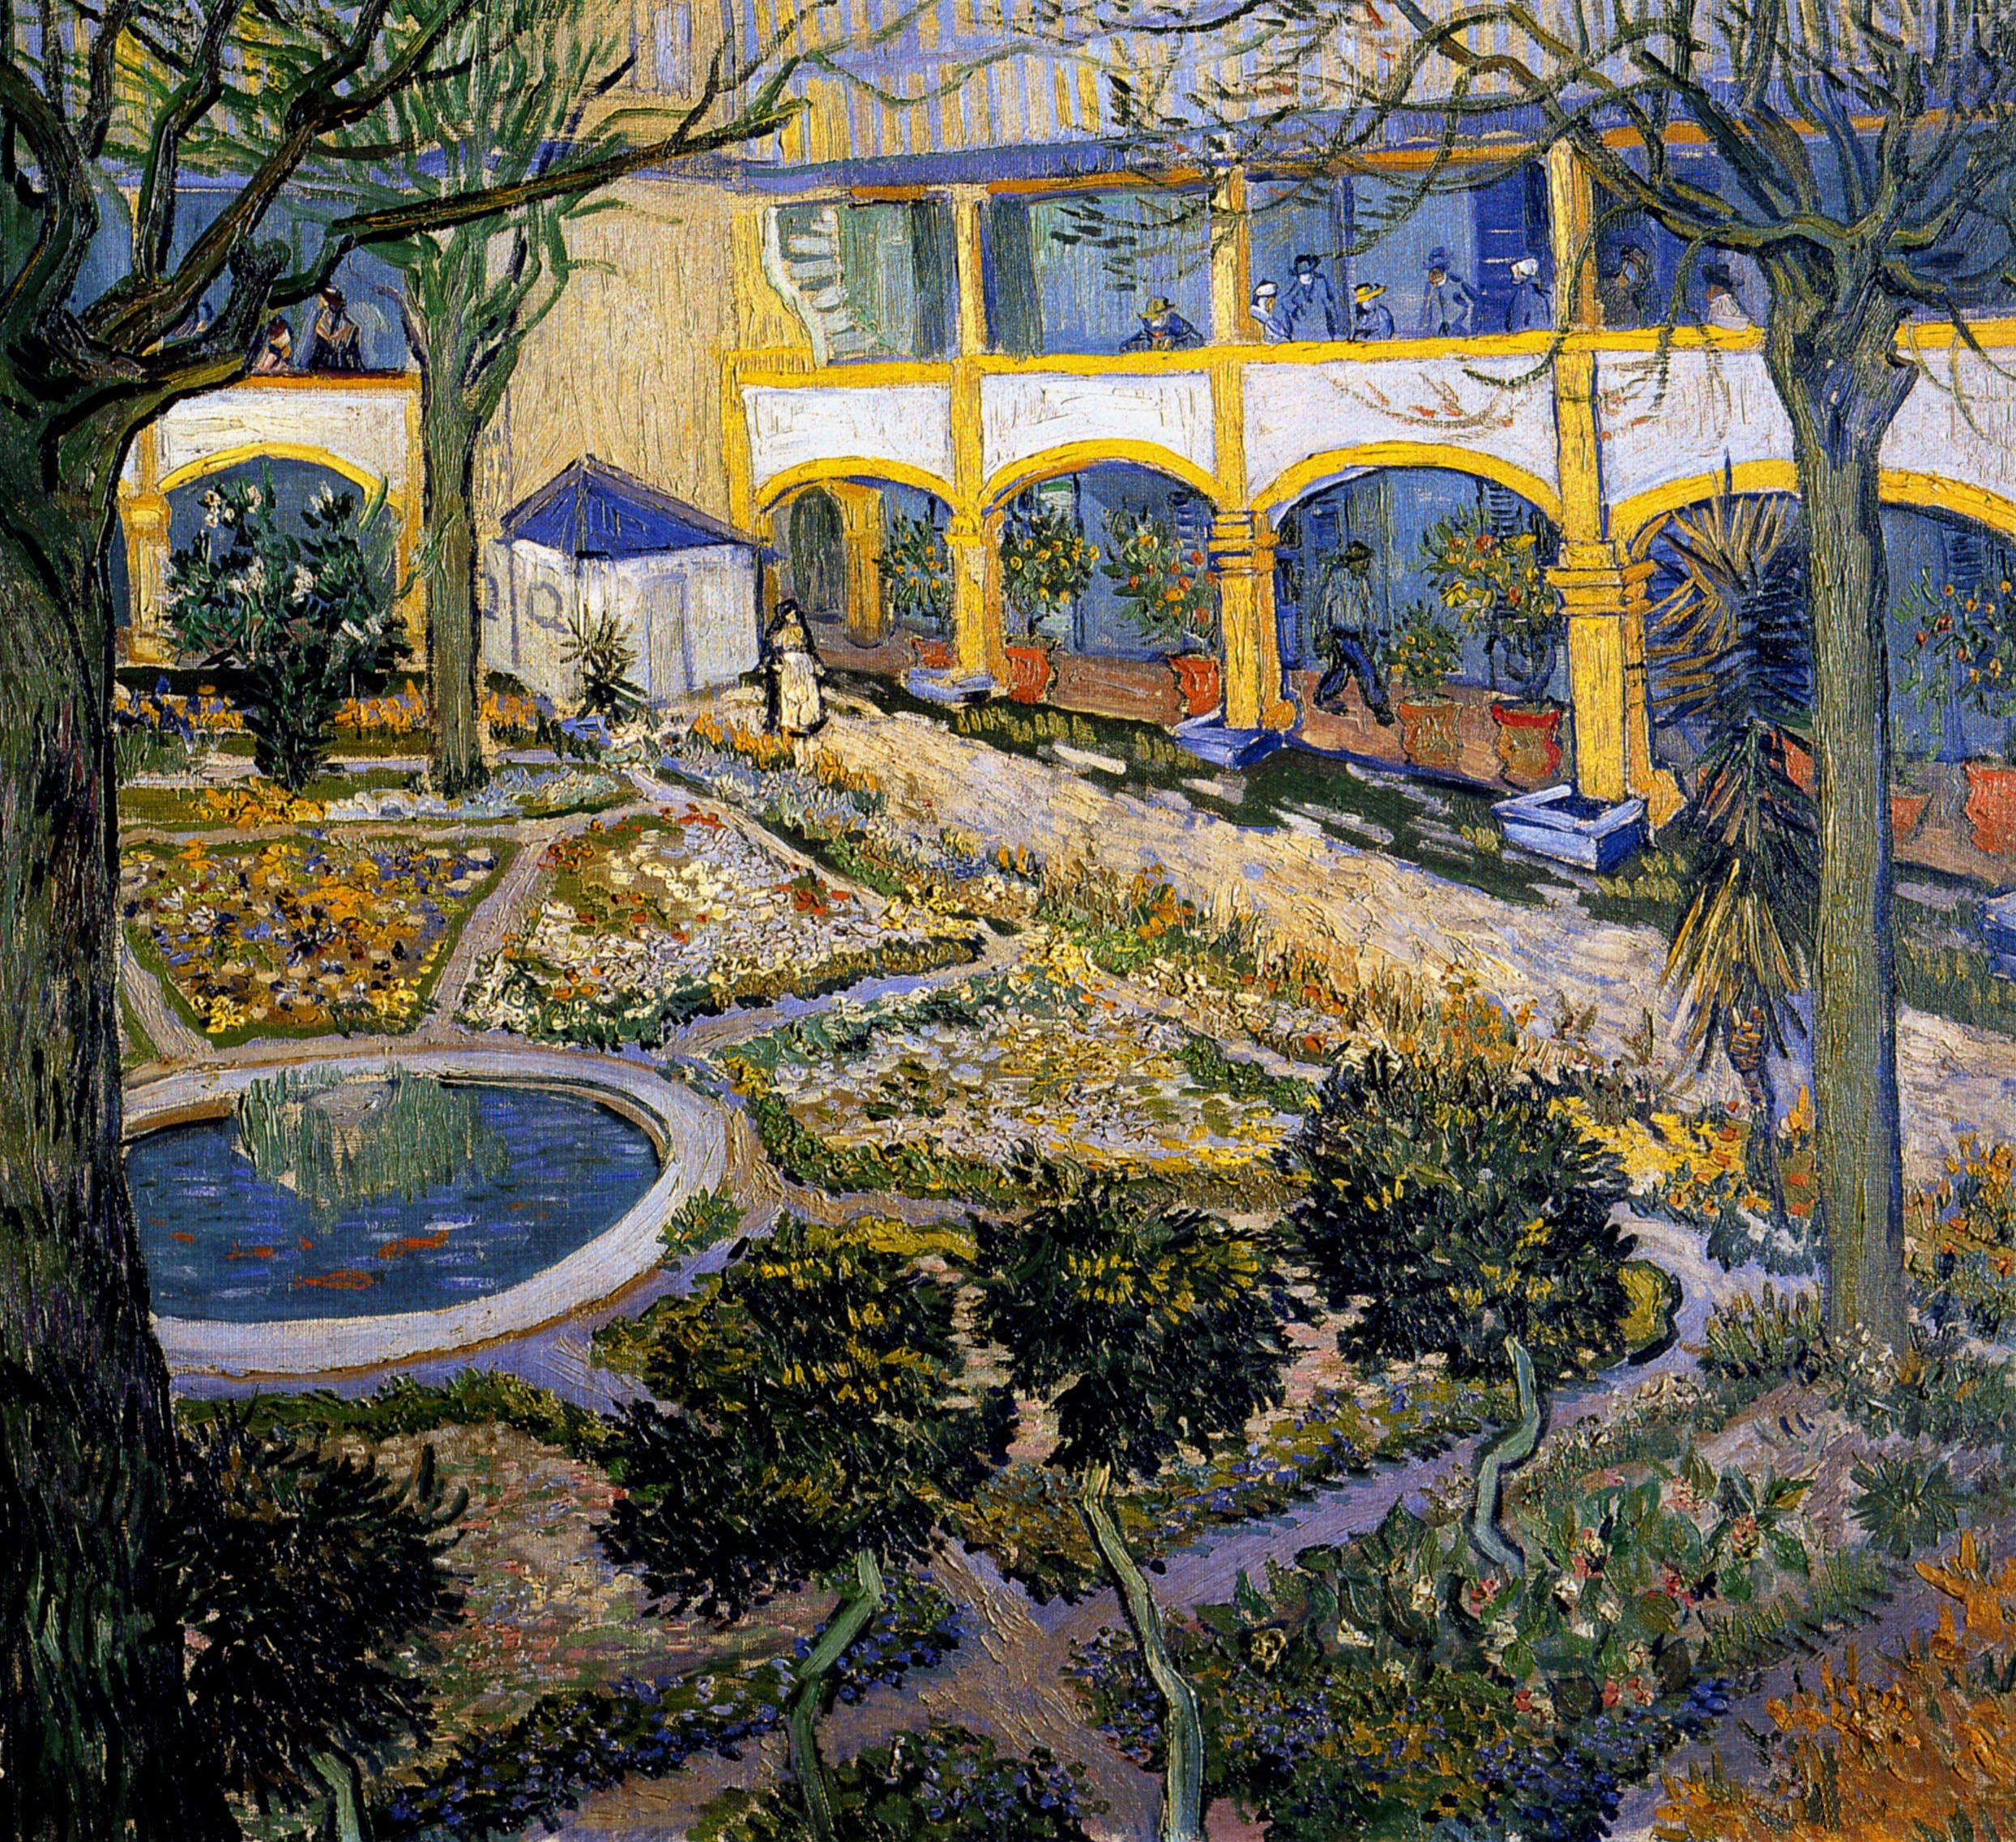 1889 Van Gogh Le Jardin De Lu0027hôpital Du0027Arles The Garden Of The